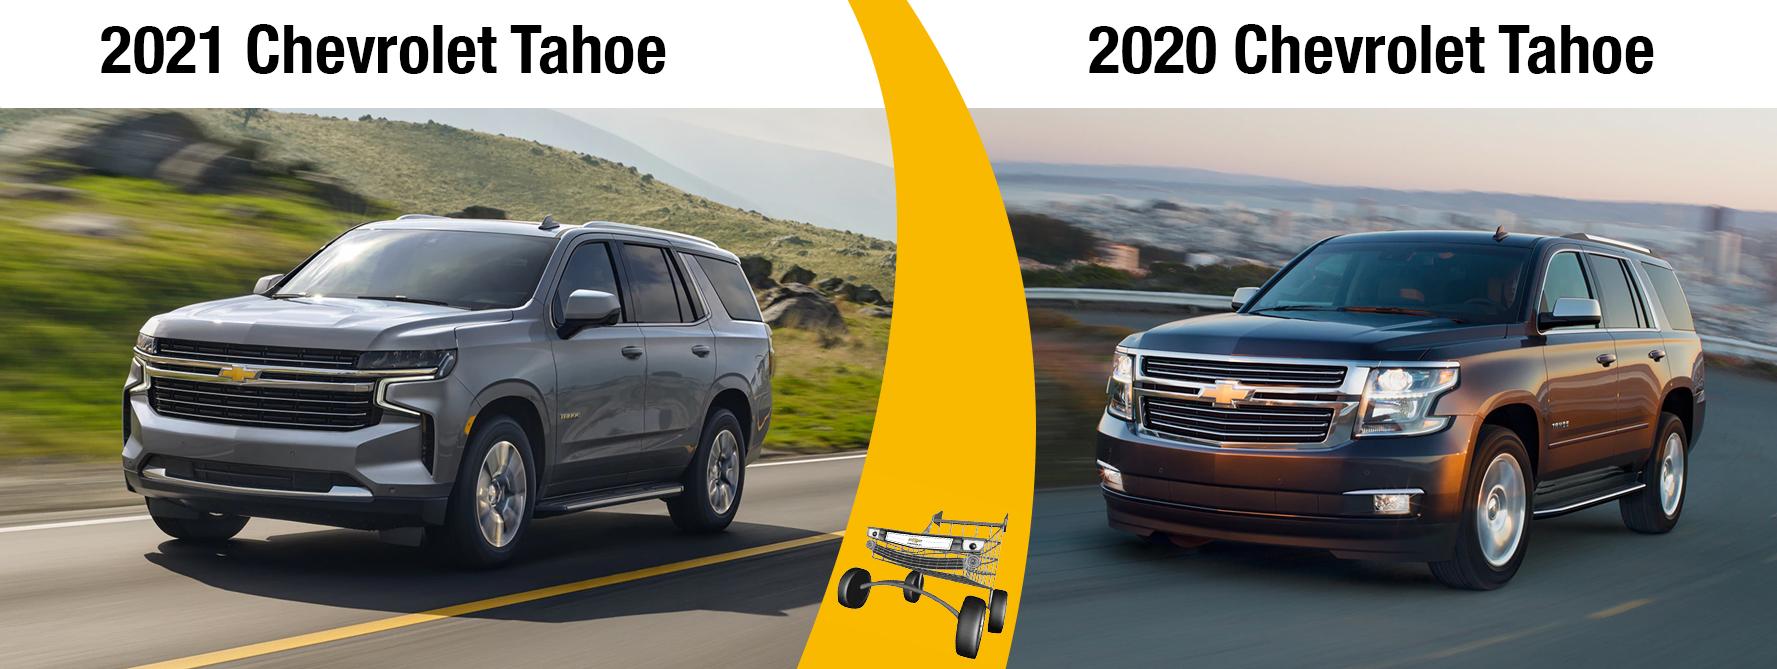 2021 Chevy Tahoe vs 2020 Tahoe